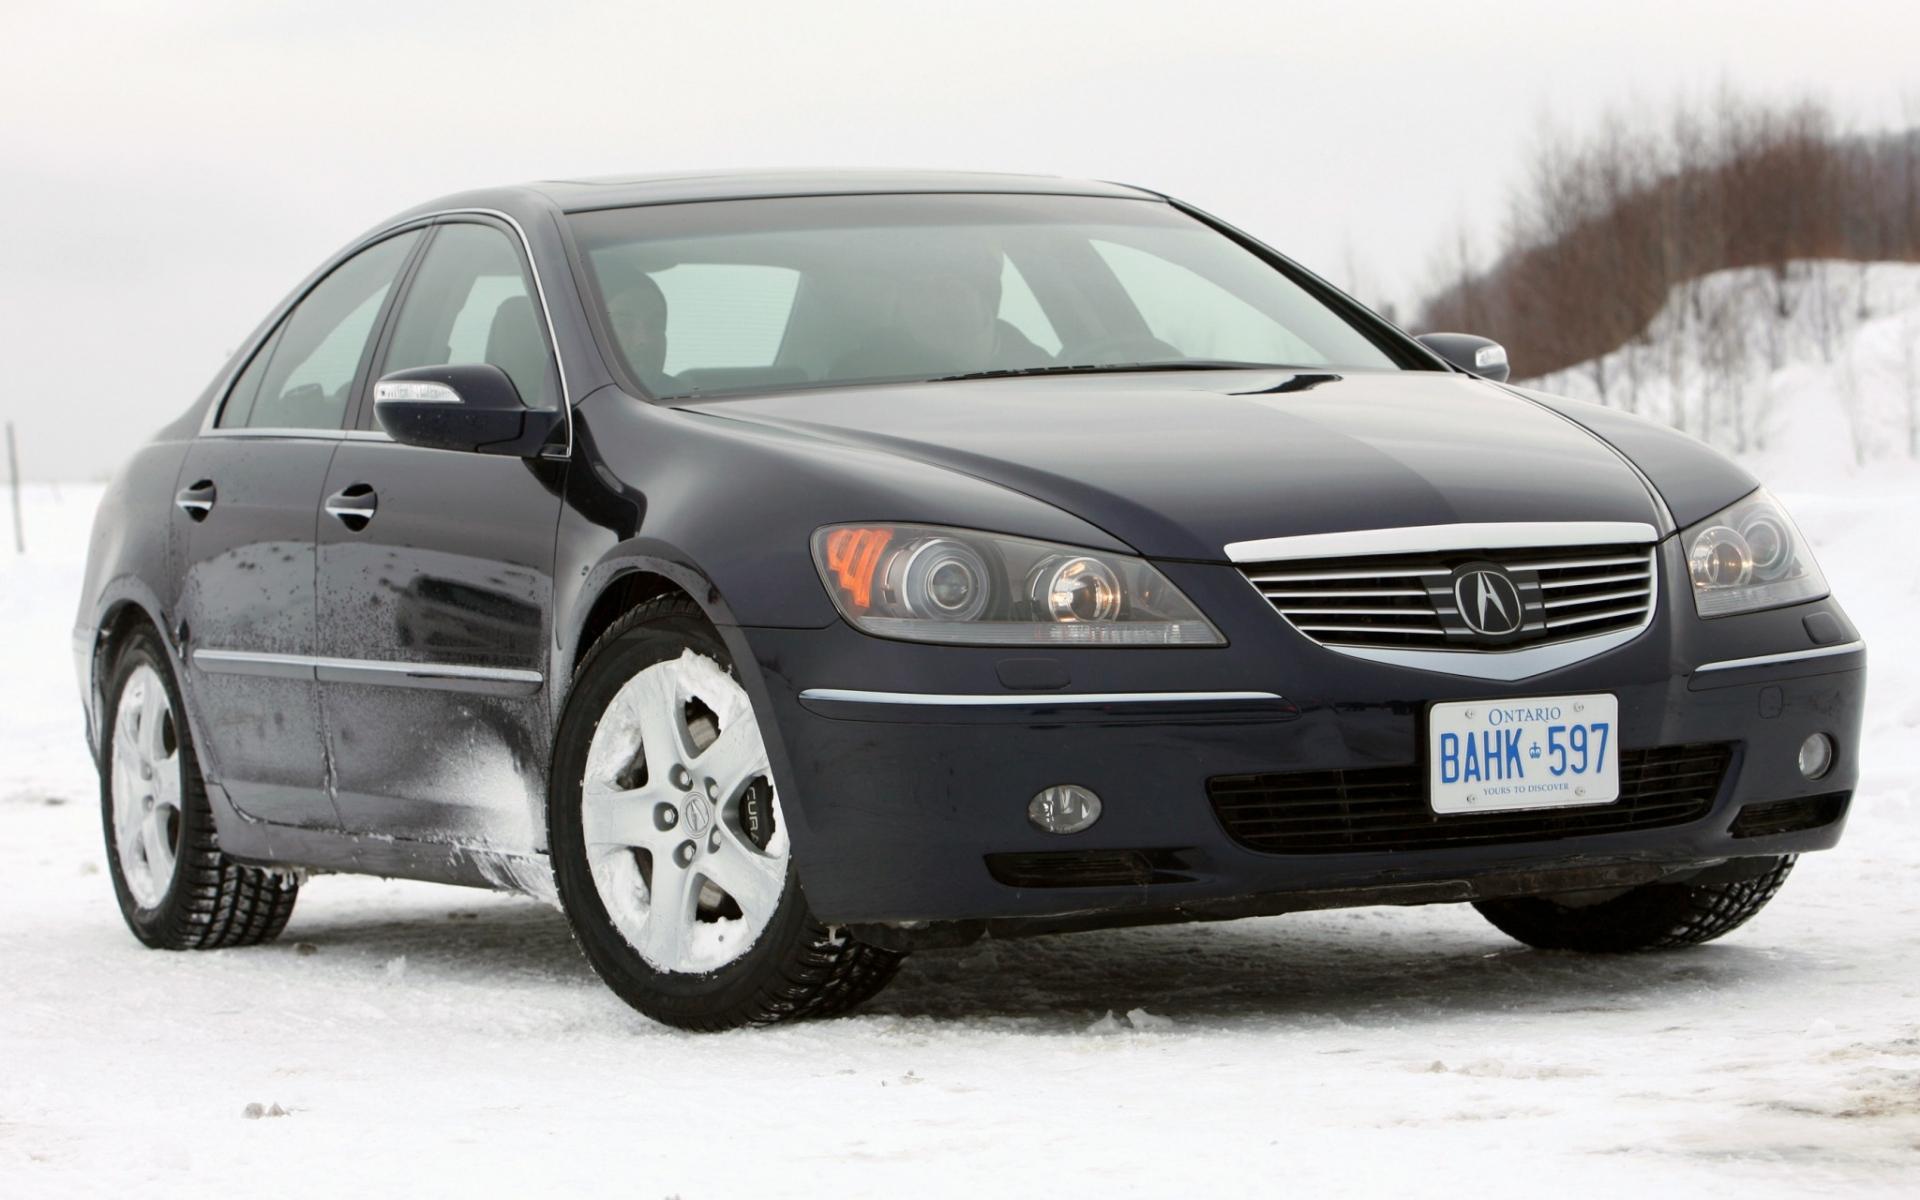 Картинки Acura, rl, черный, вид спереди, авто, снег, стиль фото и обои на рабочий стол